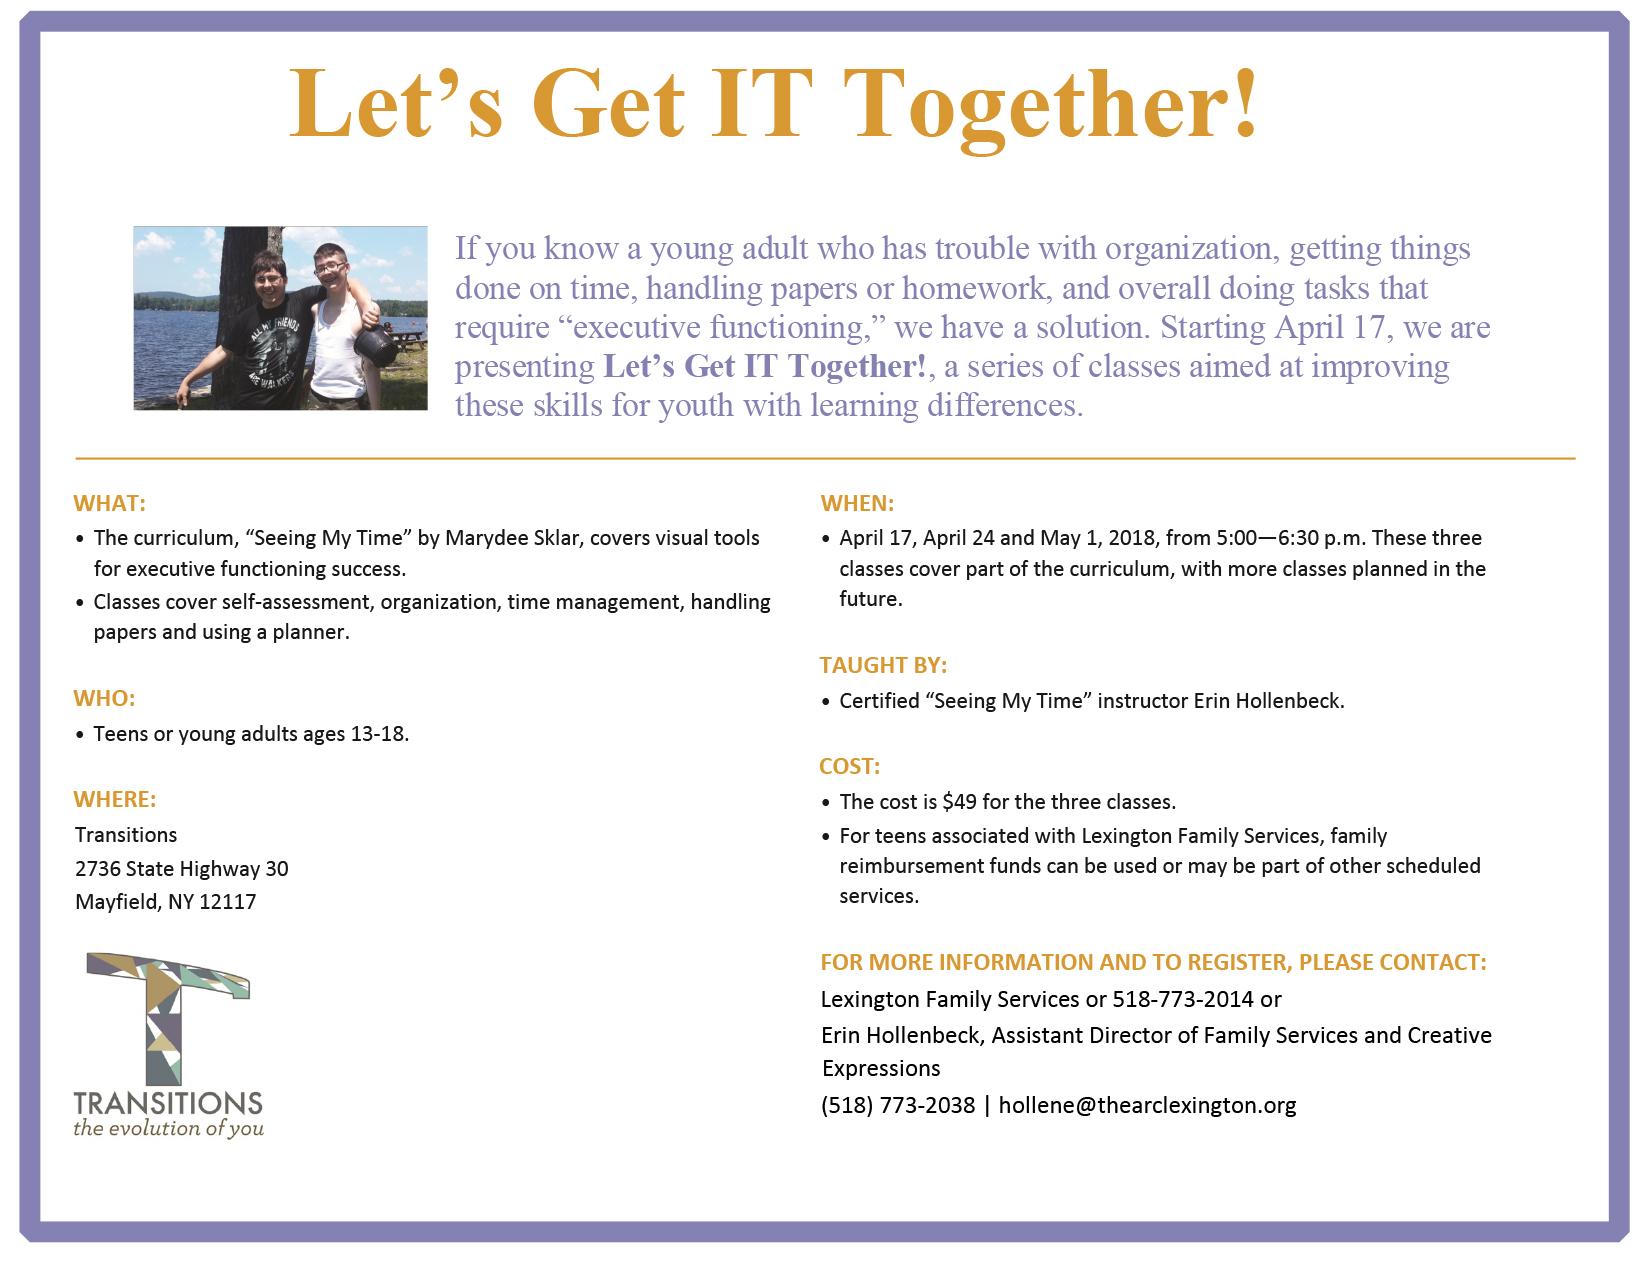 Let's Get IT Together flyer 2018-1.jpg